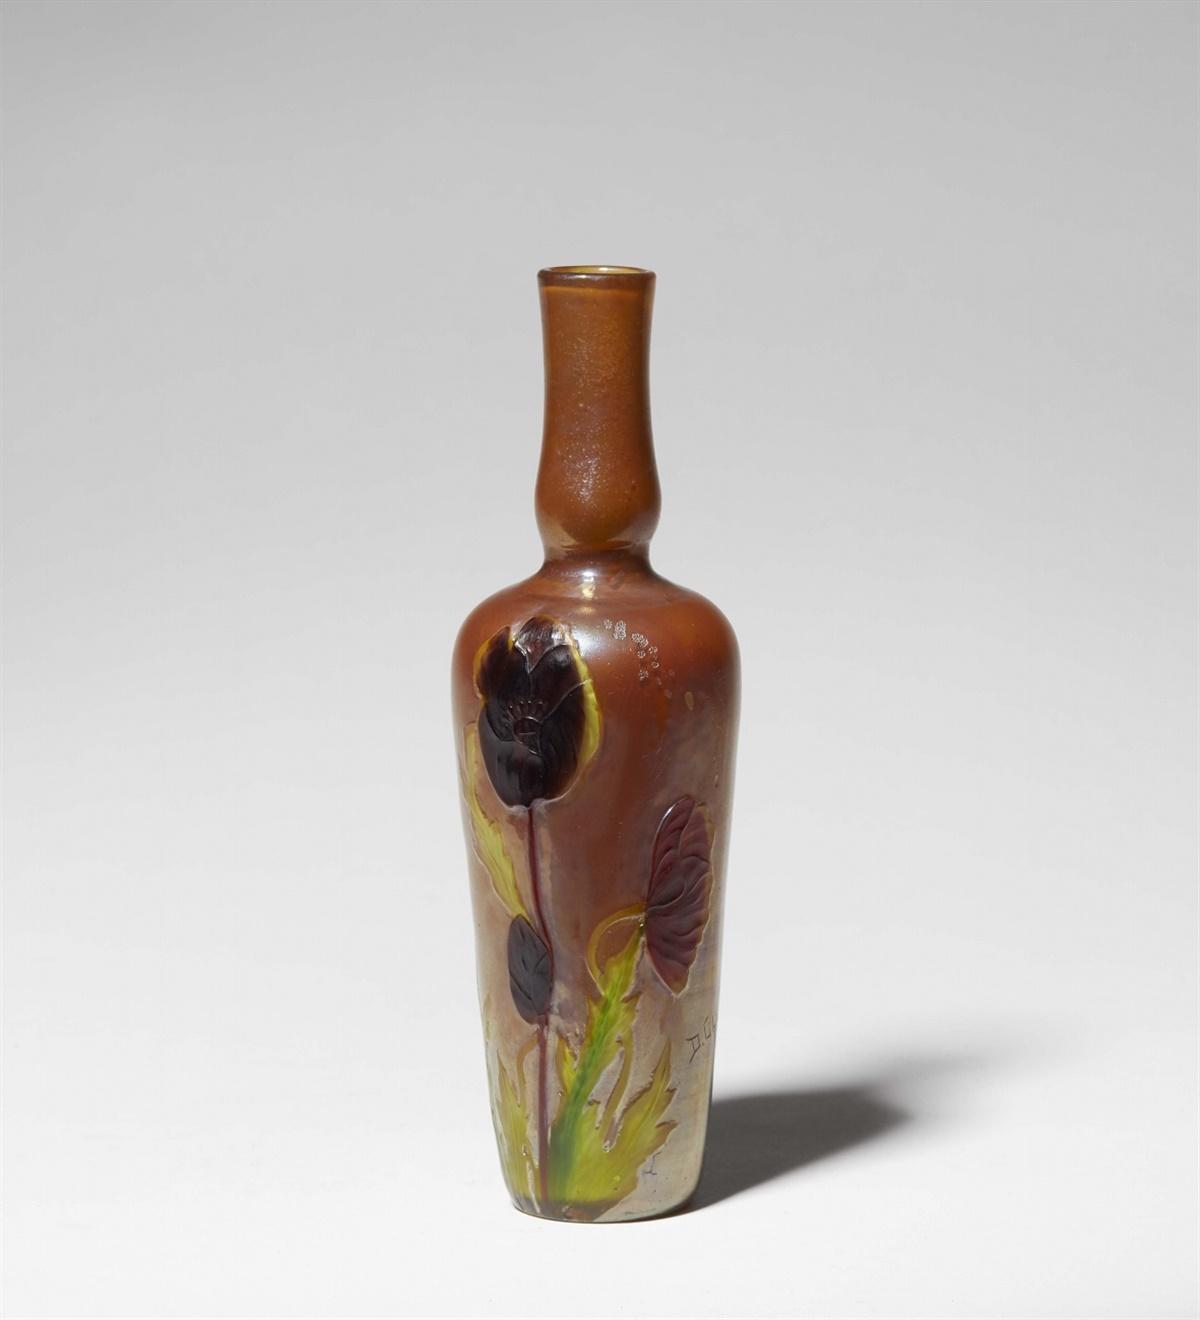 Los 21 - Vase coquelicotGelb unterfagenes irisiertes Klarglas mit hoch cameogeschnittenem, teils